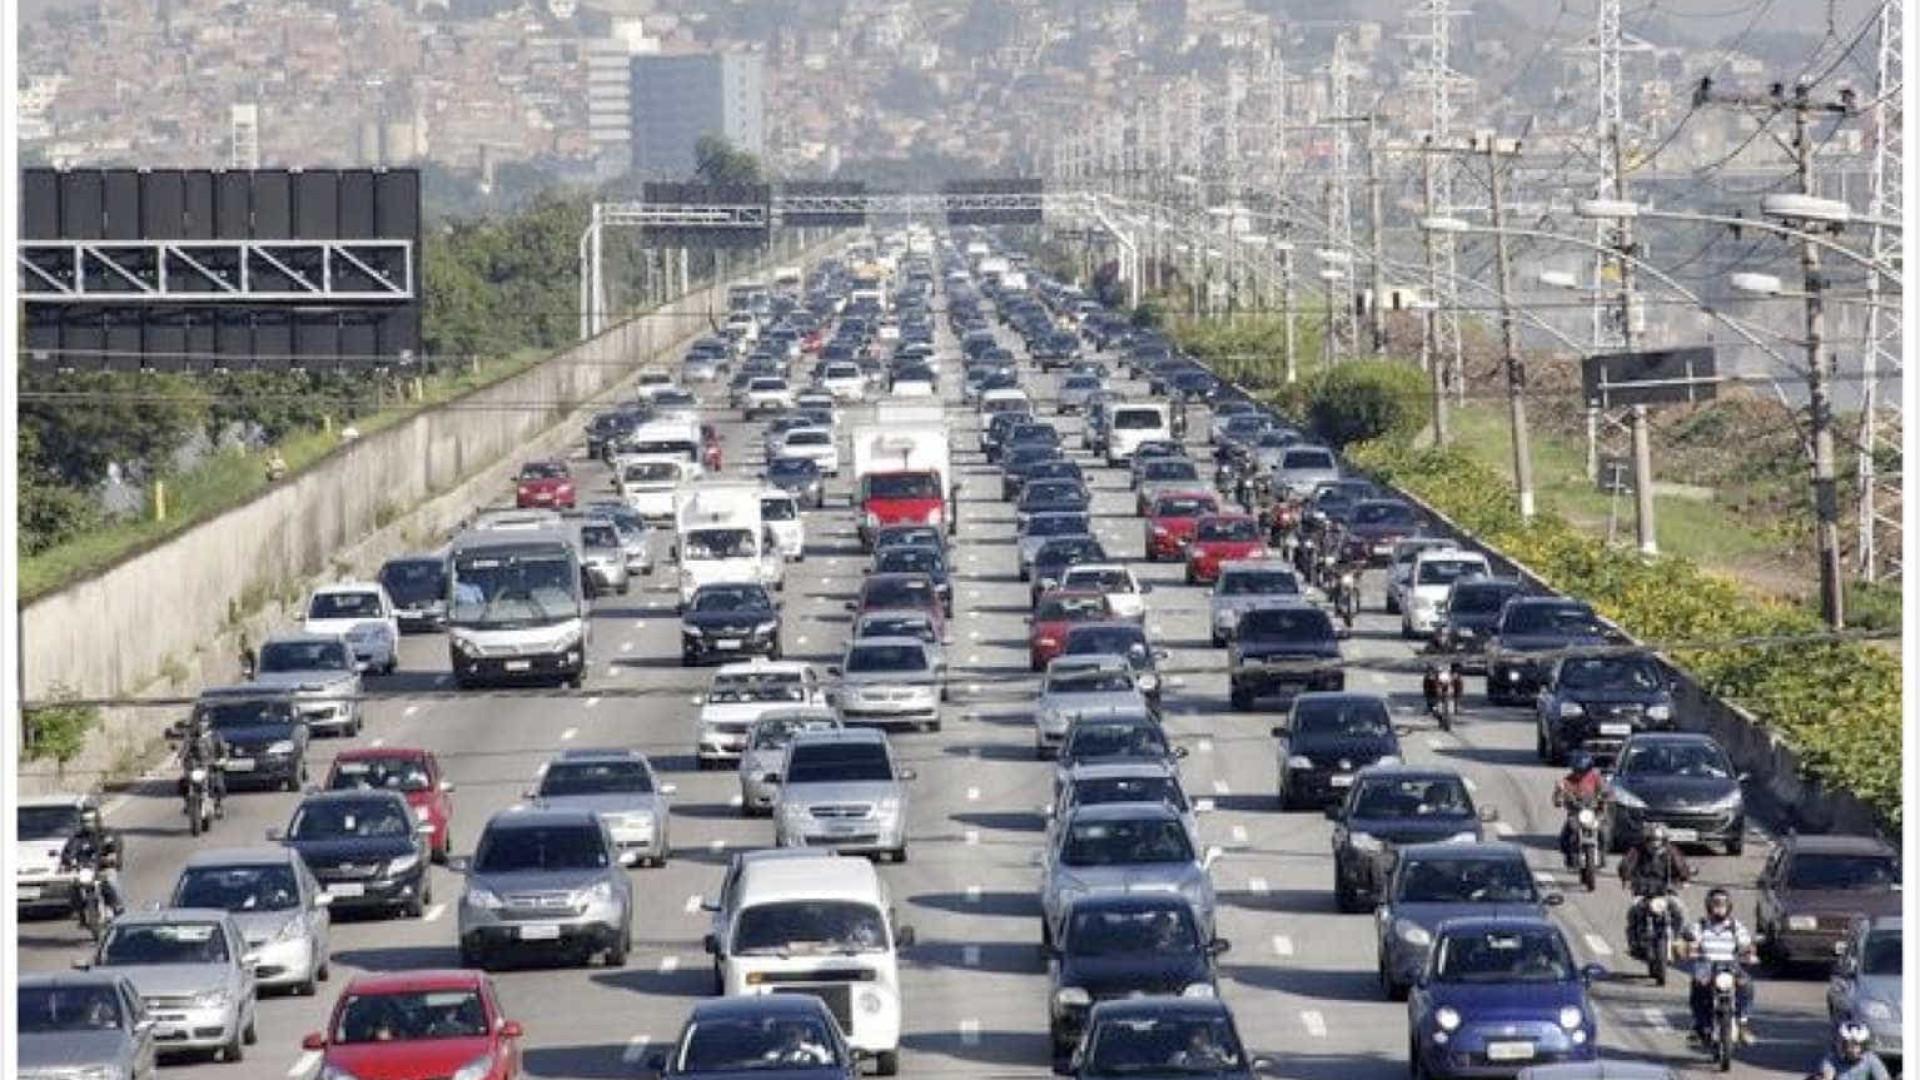 CCJ aprova 10 anos para fim da venda de carros a gasolina e diesel